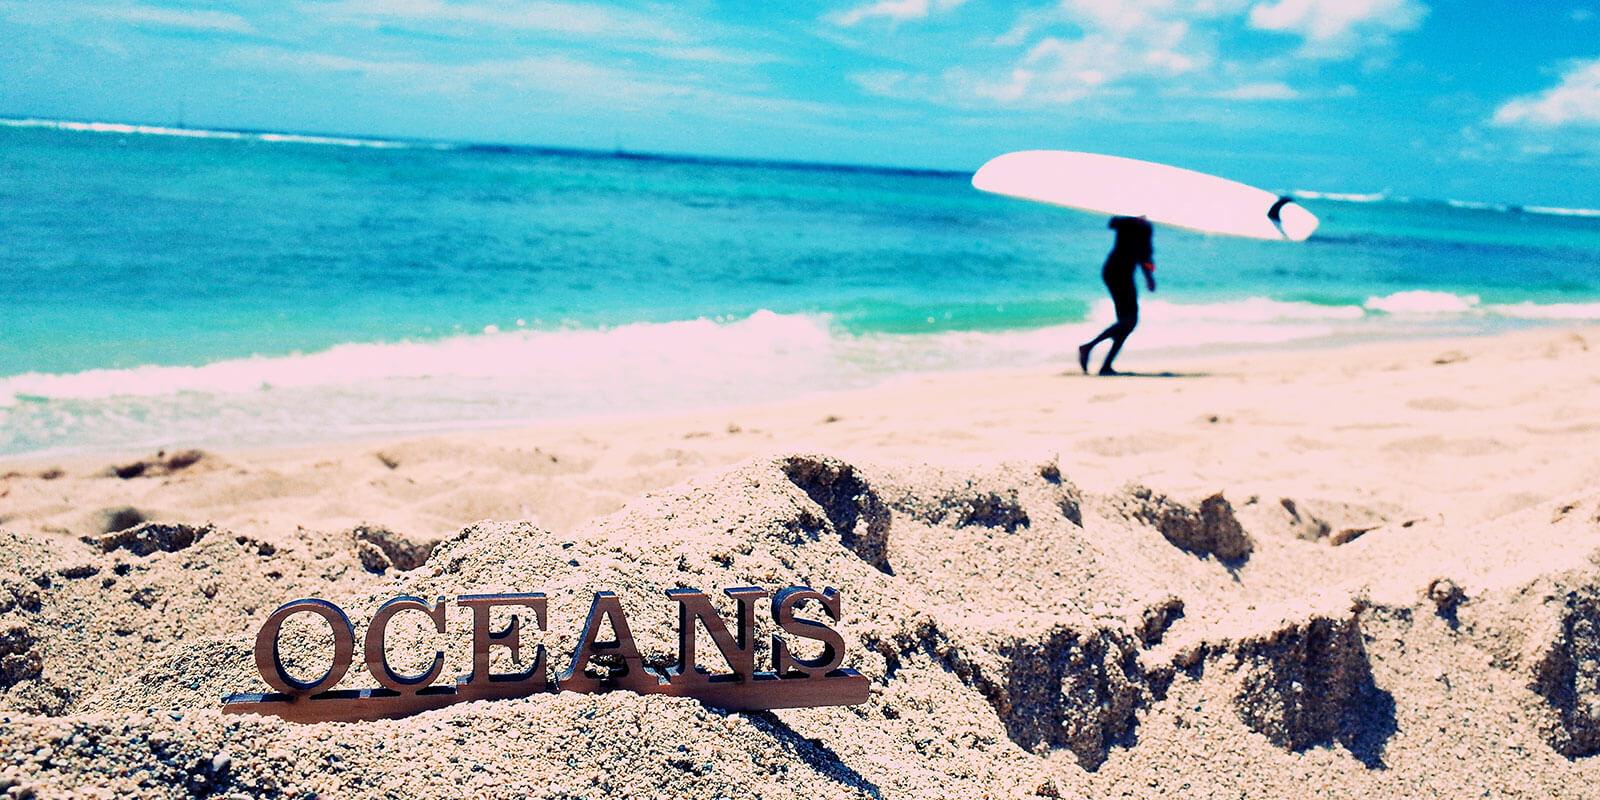 横浜の美容室 OCEANS